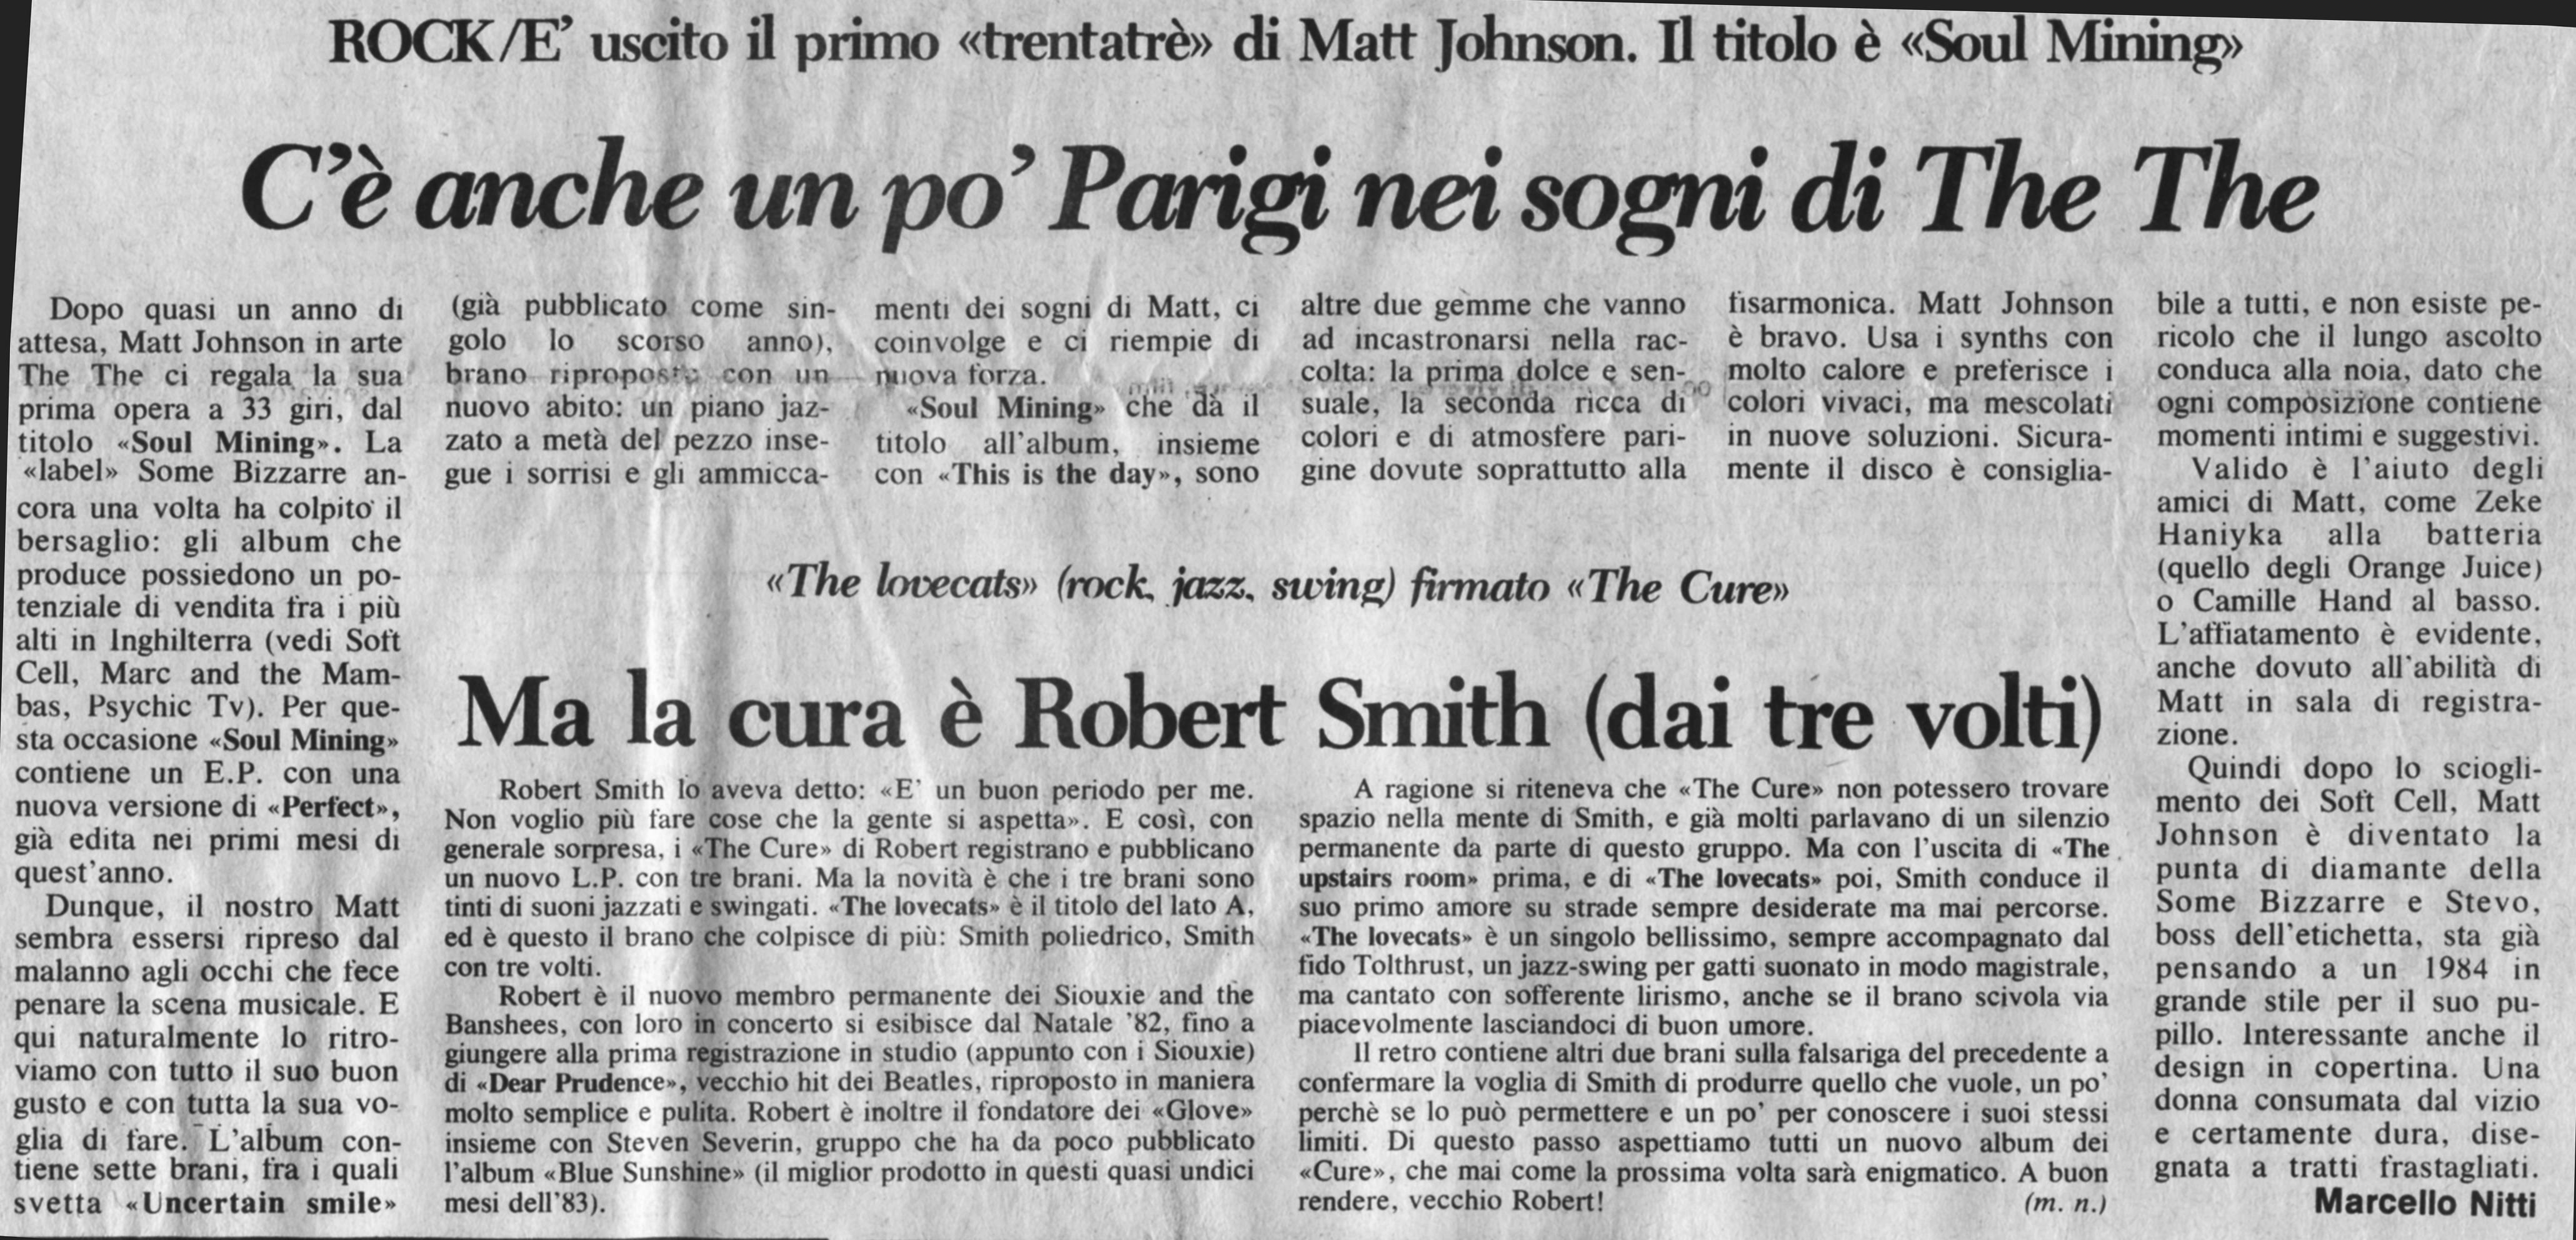 17.11.1983. Un po' di Parigi nei sogni di The The